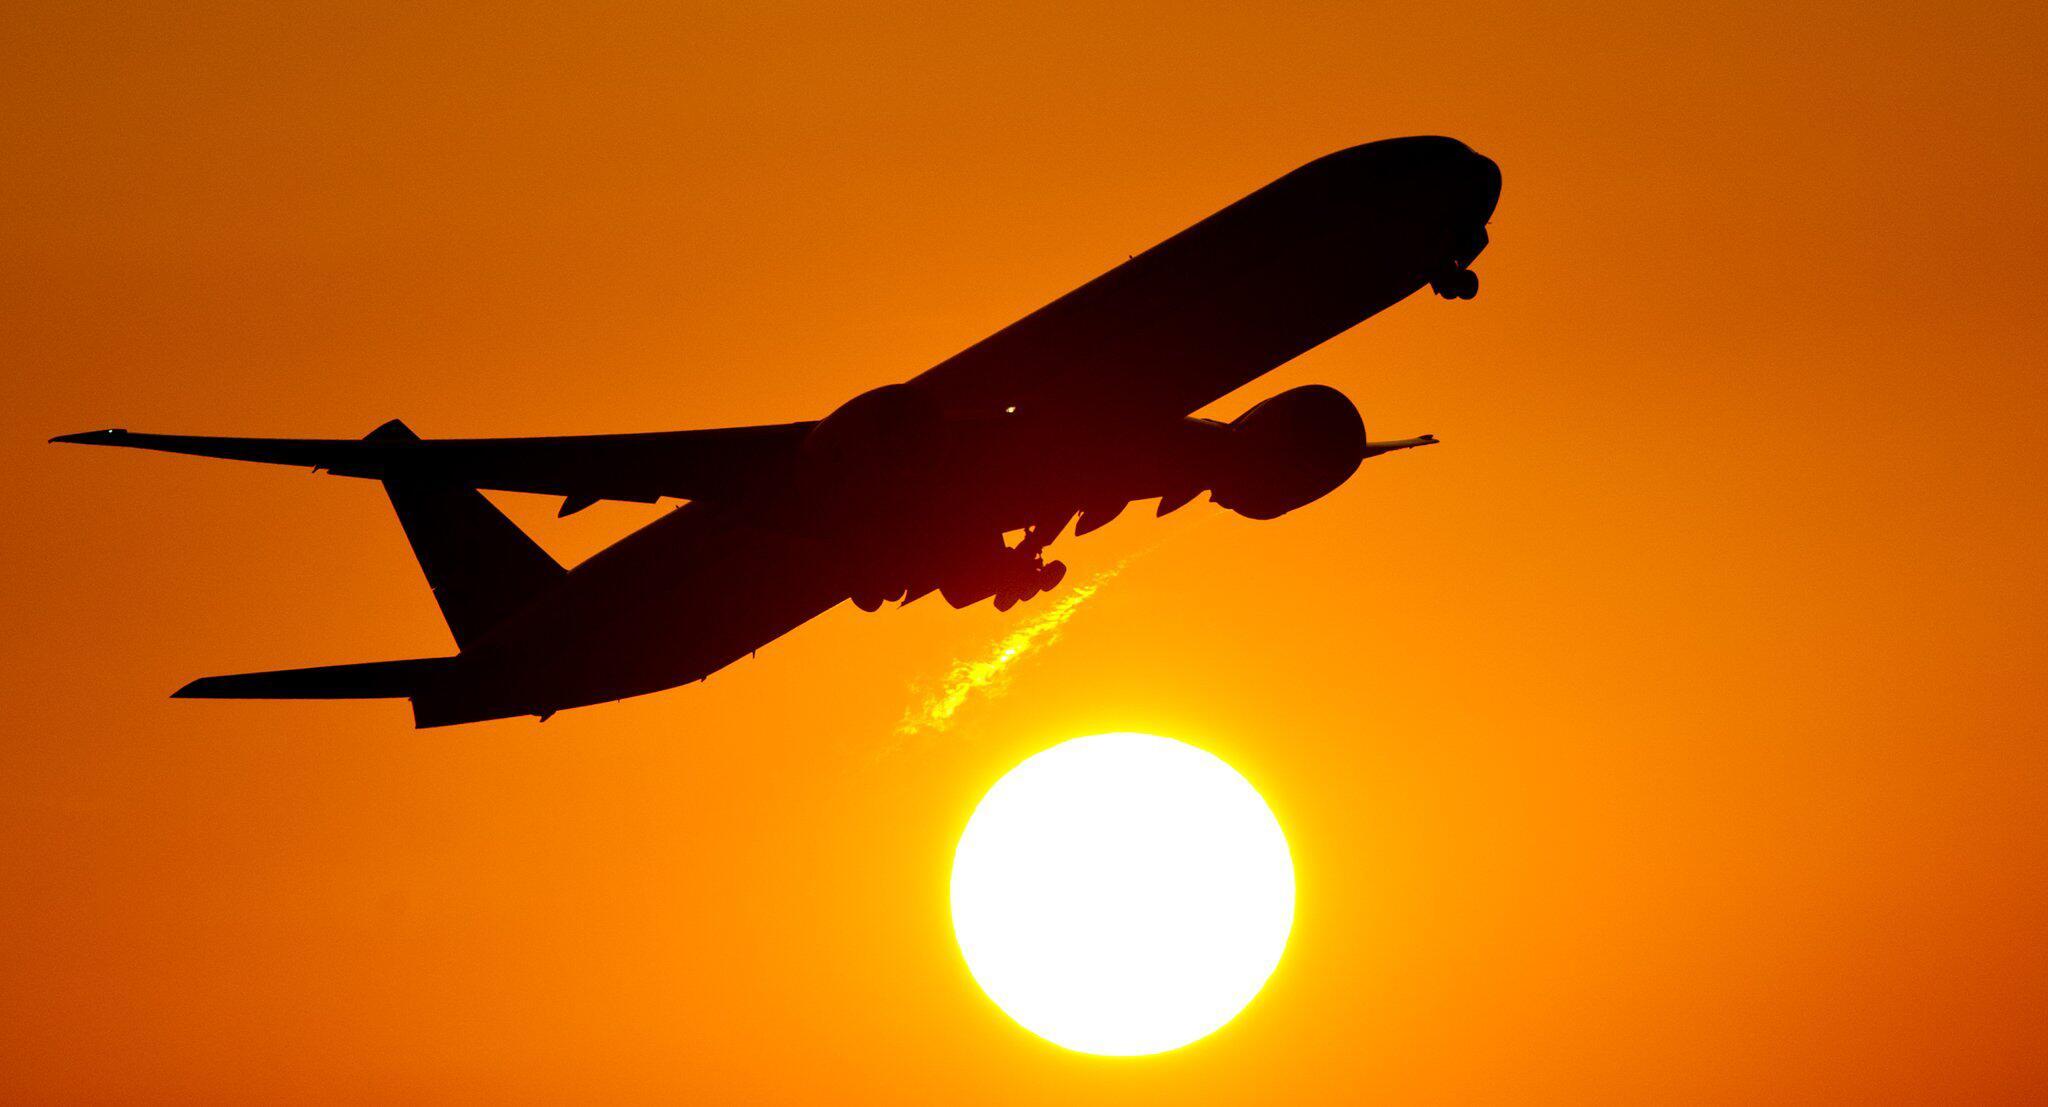 Bild zu Flugzeug im Sonnenuntergang